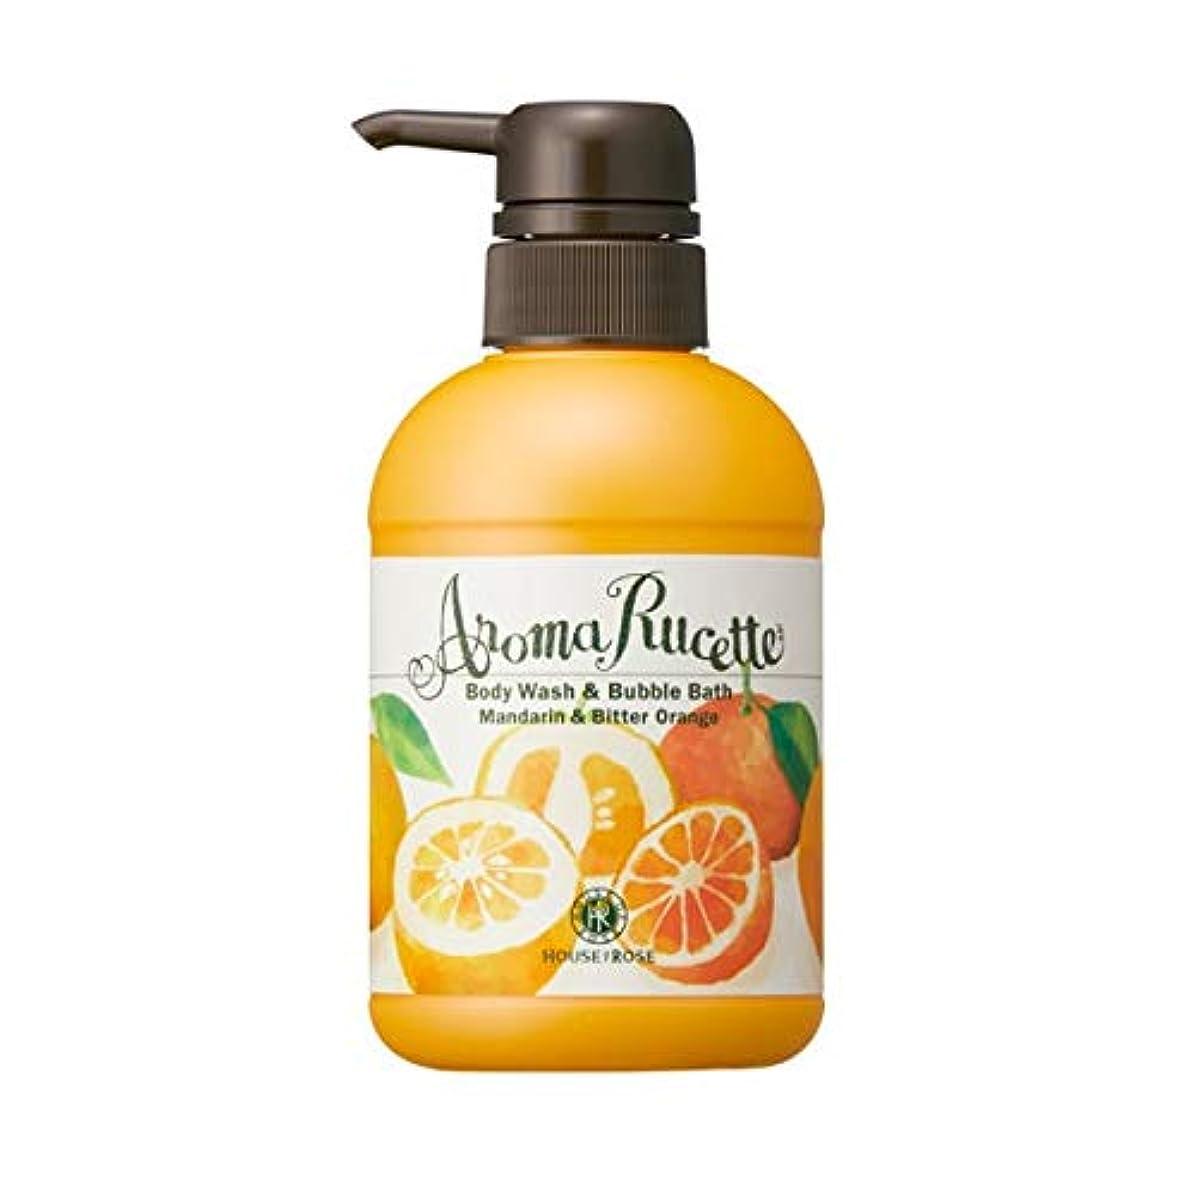 シーサイドラック世界HOUSE OF ROSE(ハウスオブローゼ) ハウスオブローゼ/アロマルセット ボディウォッシュ&バブルバス MD&BO(マンダリン&ビターオレンジの香り)350mL